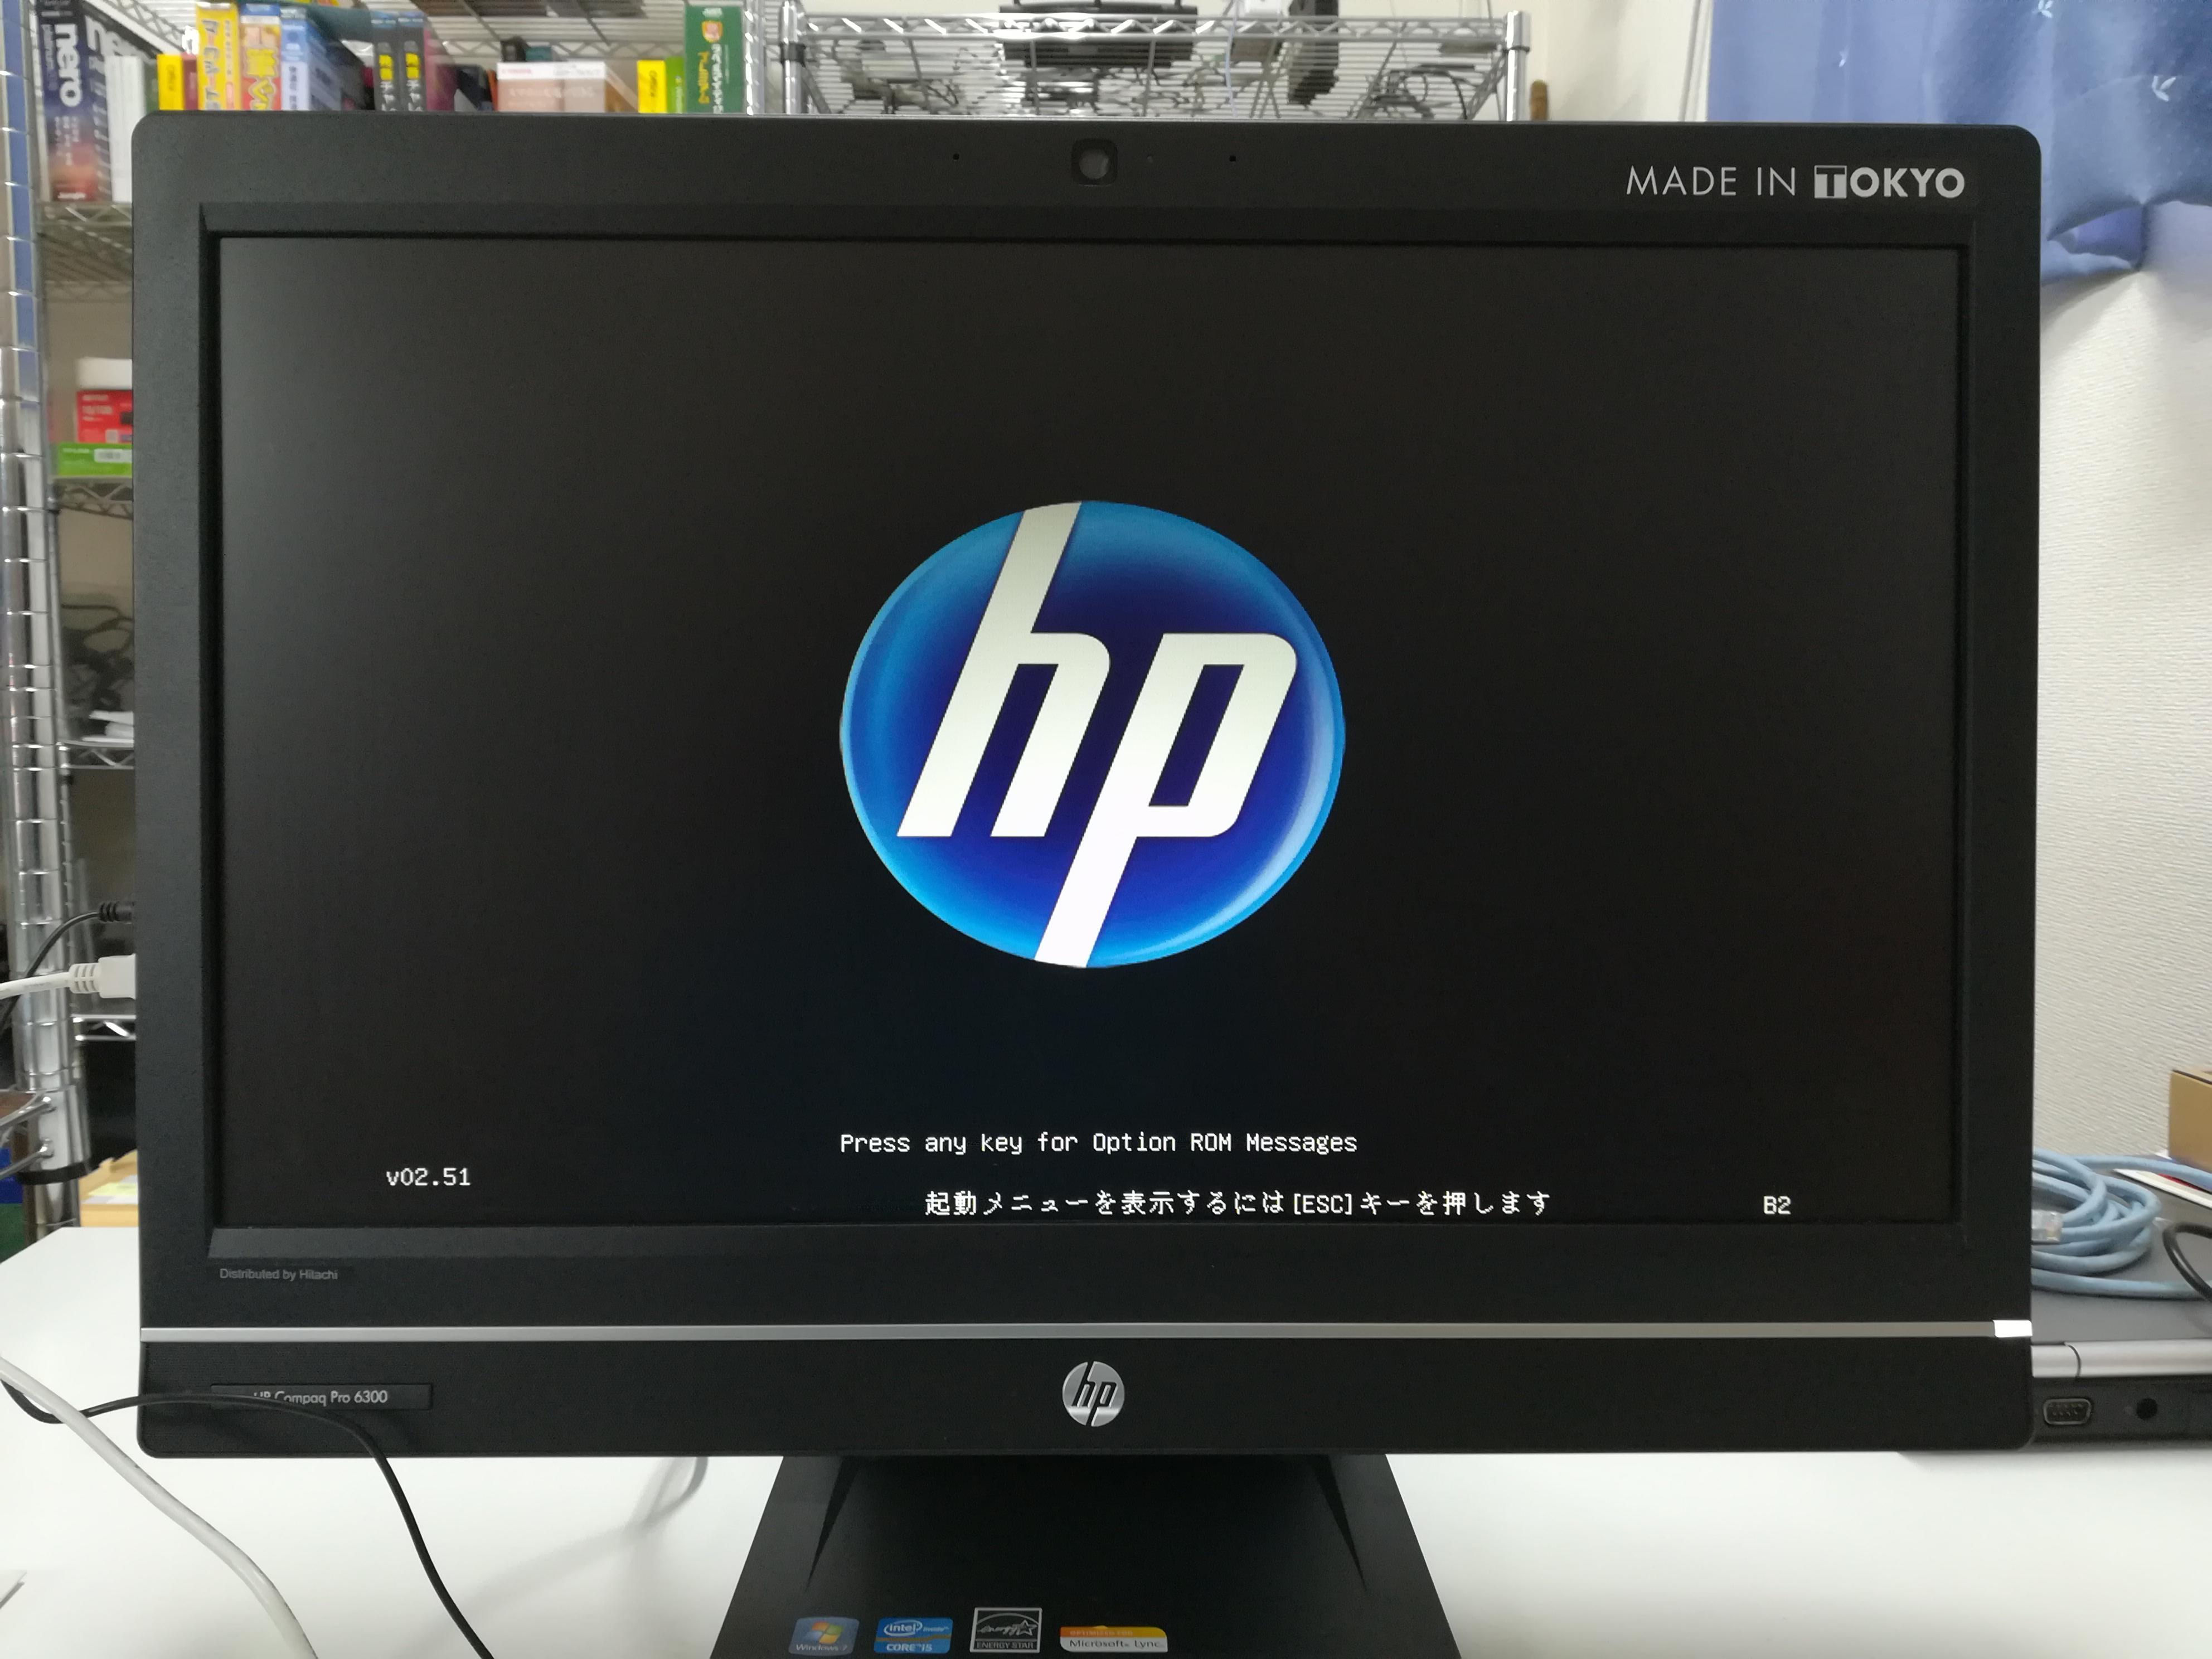 【初歩の初歩】 HP6300 aioをカスタマイズする。中盤戦